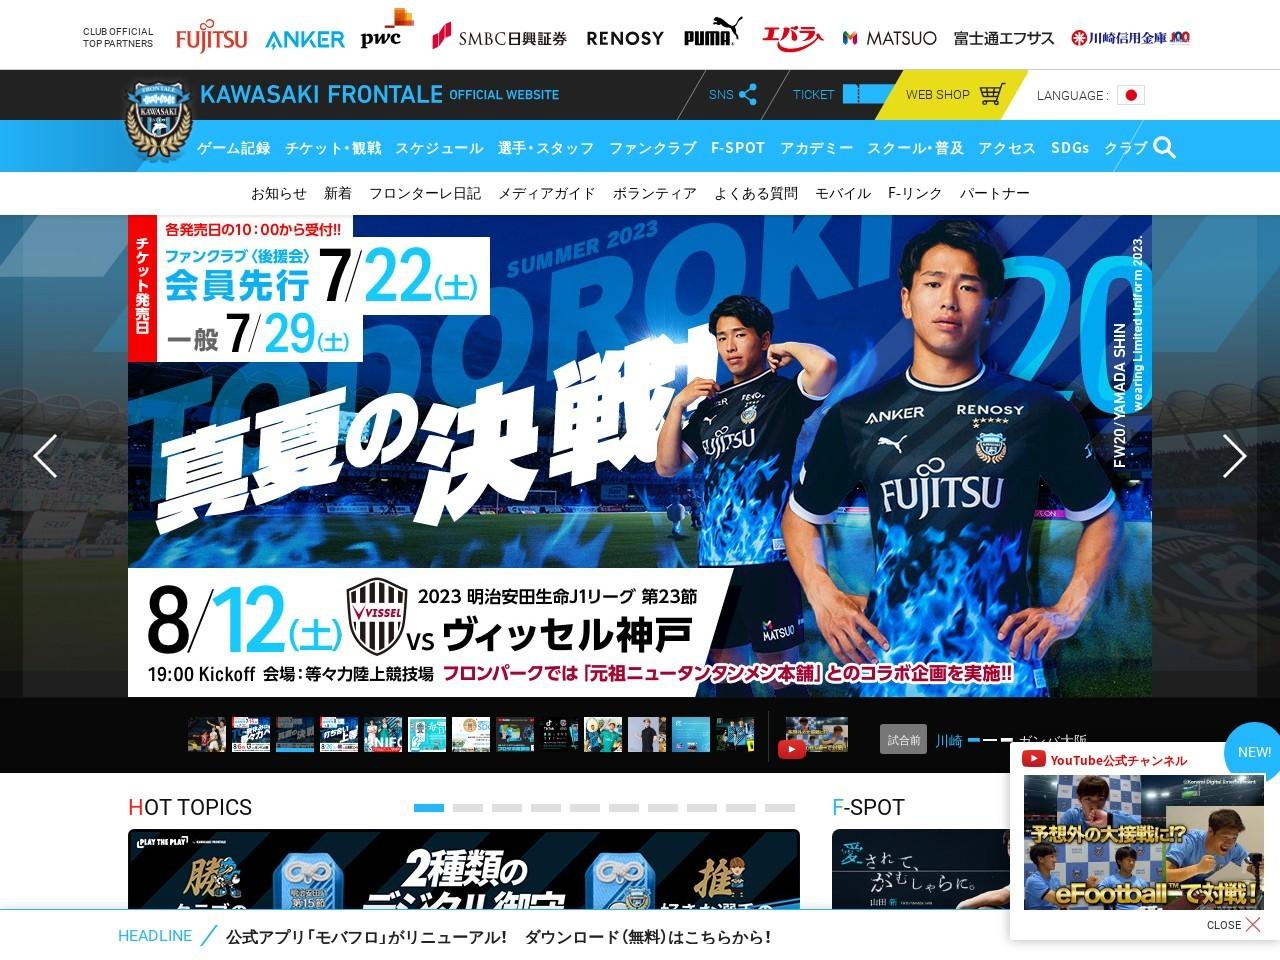 http://www.frontale.co.jp/profile/2014/mem_16.html